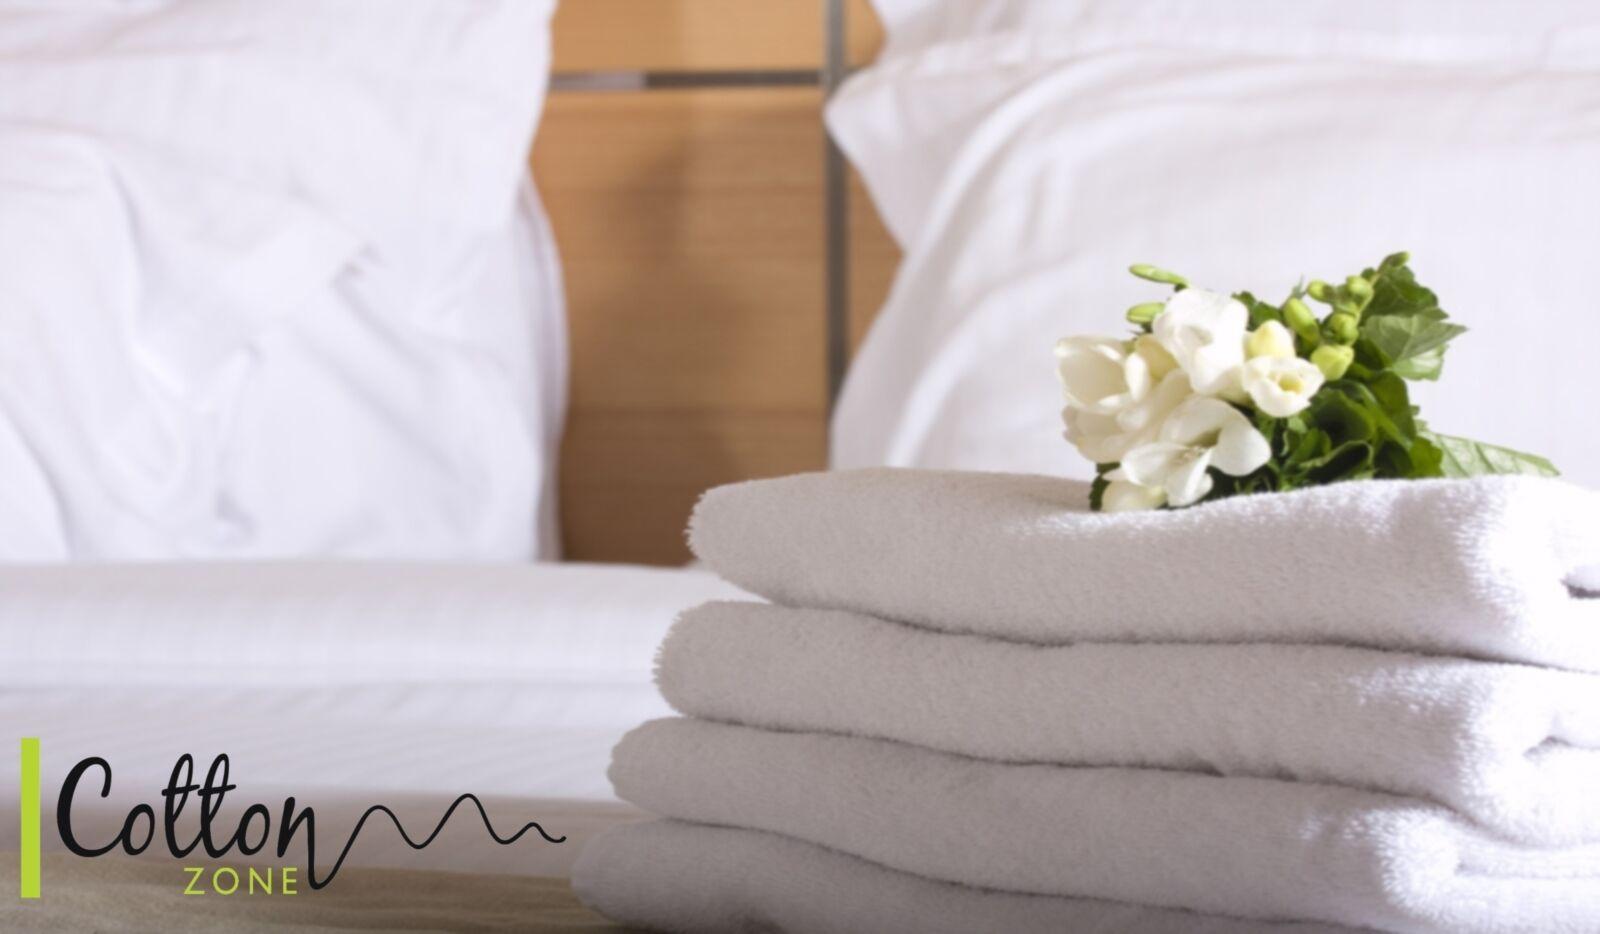 Paquete De 6 toallas de algodón egipcio Hotel Calidad 700 GSM-blancoo Liso